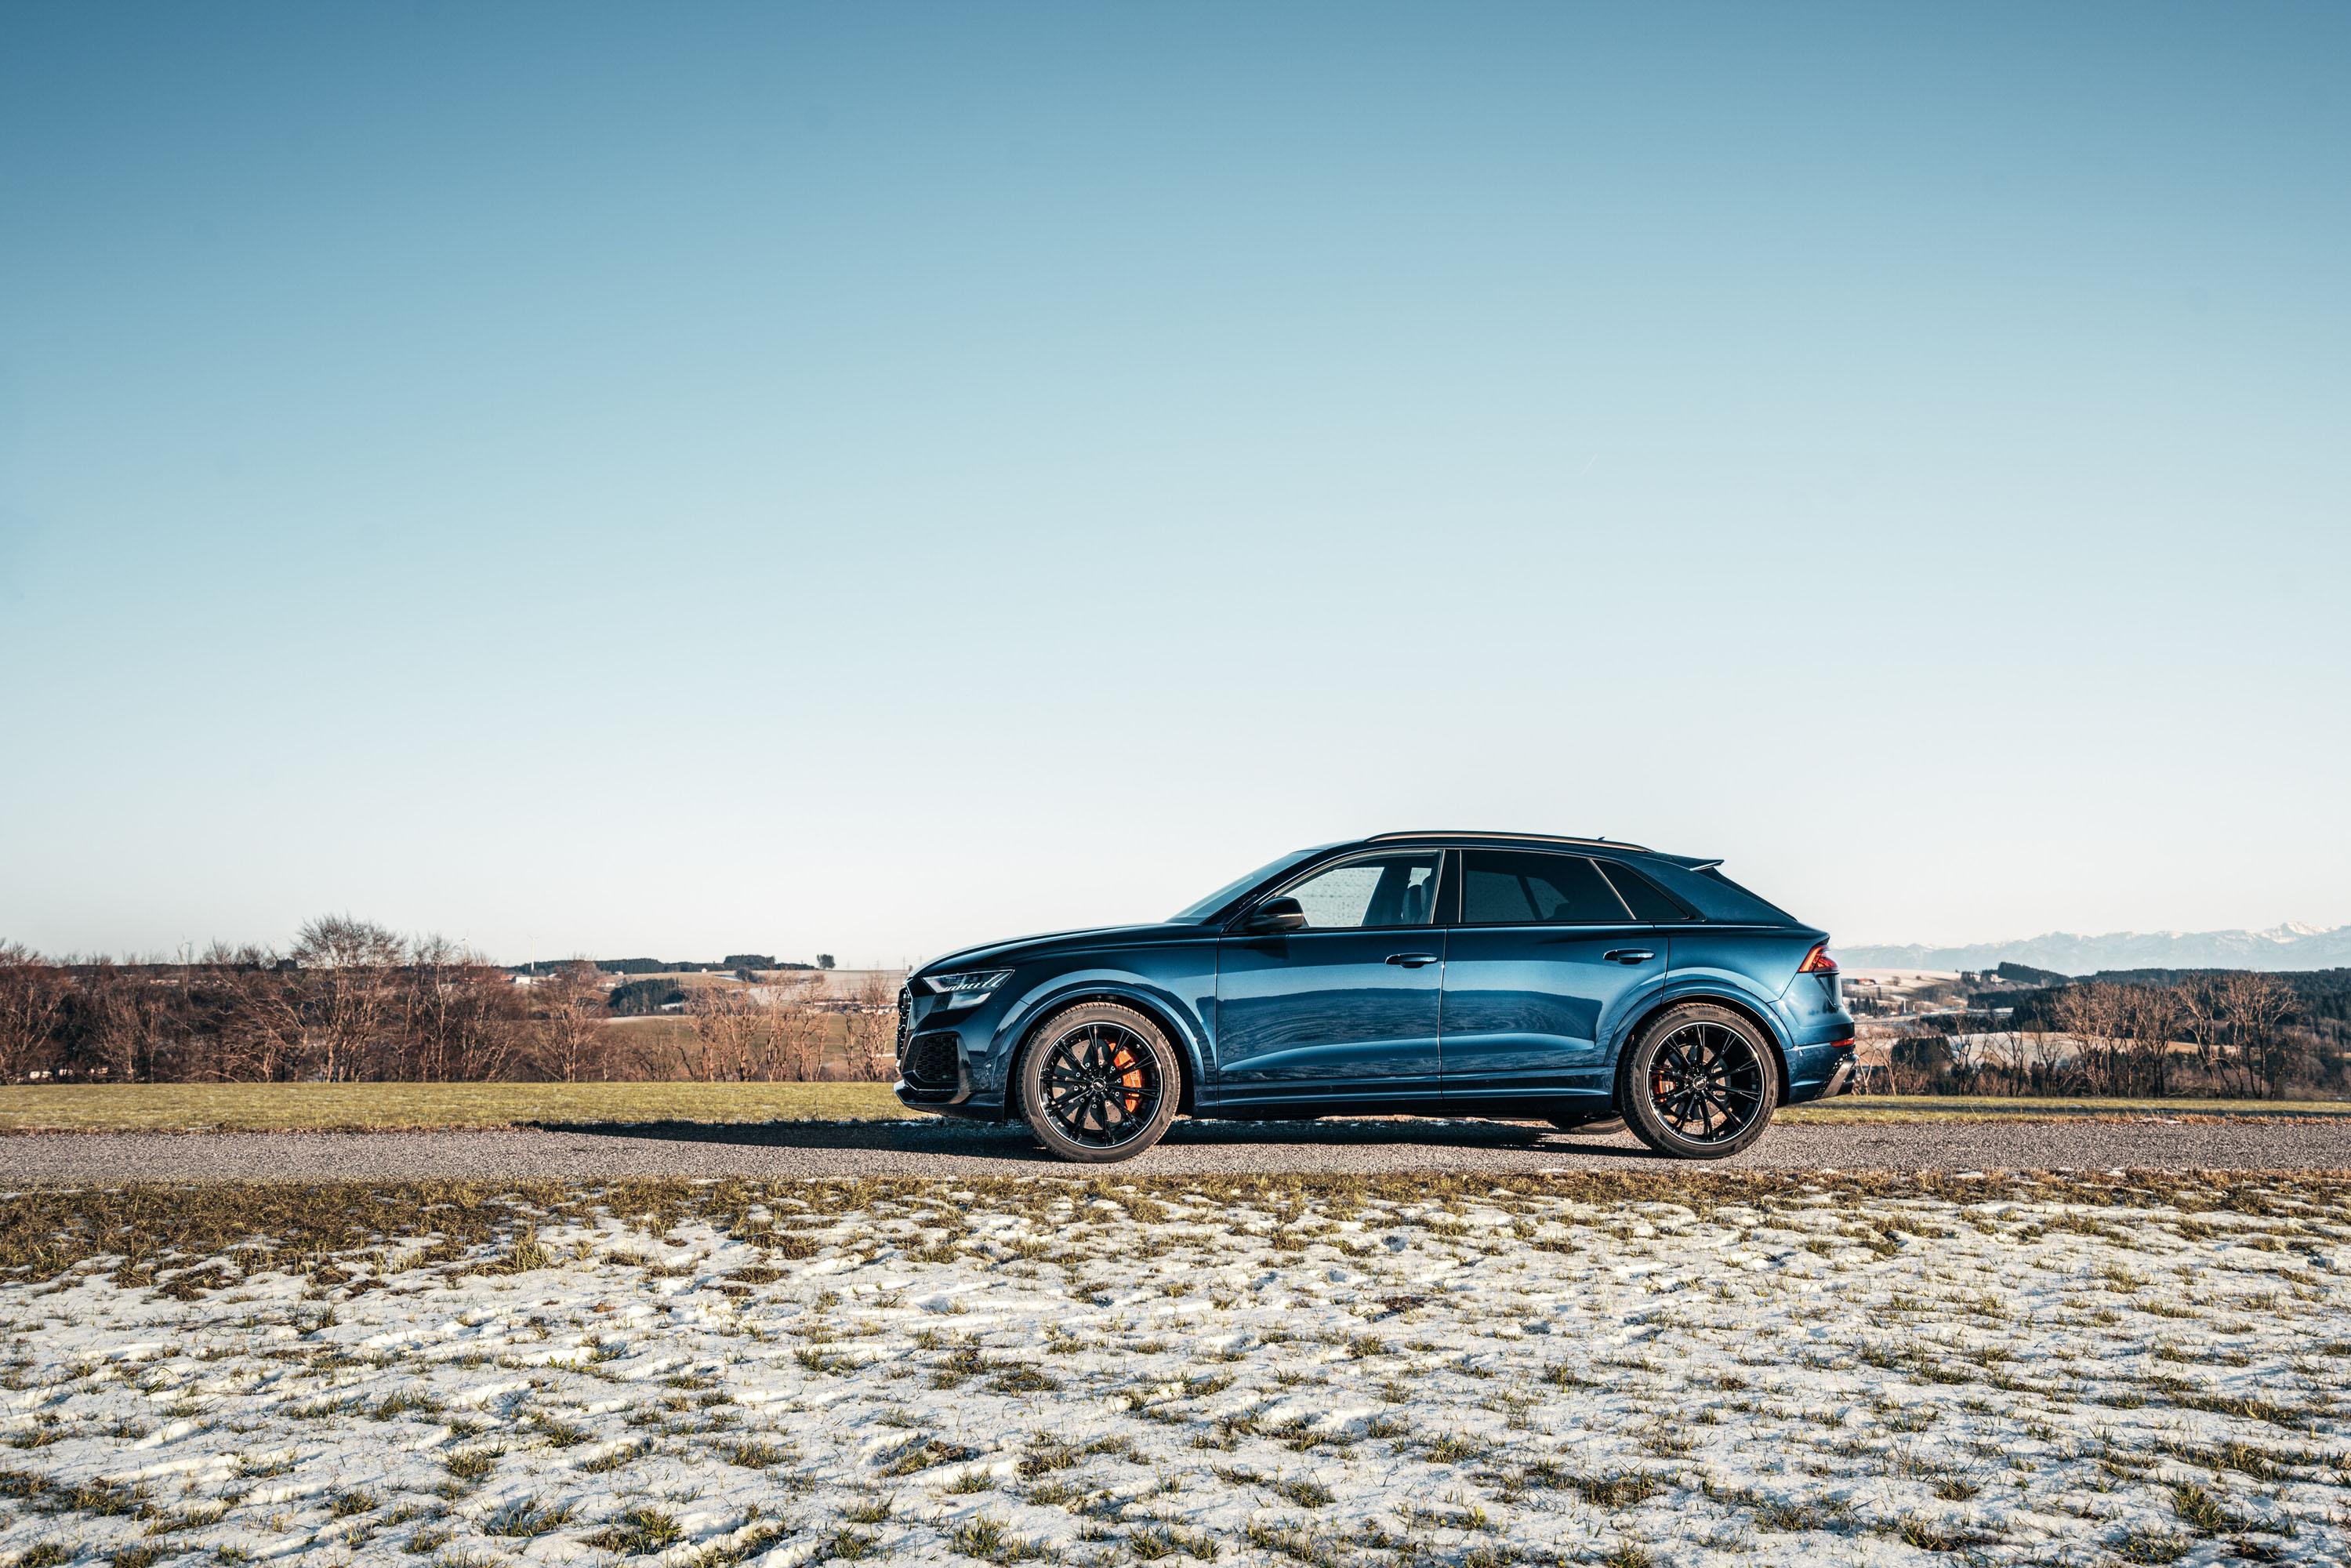 ABT Audi RS Q8 photo #1